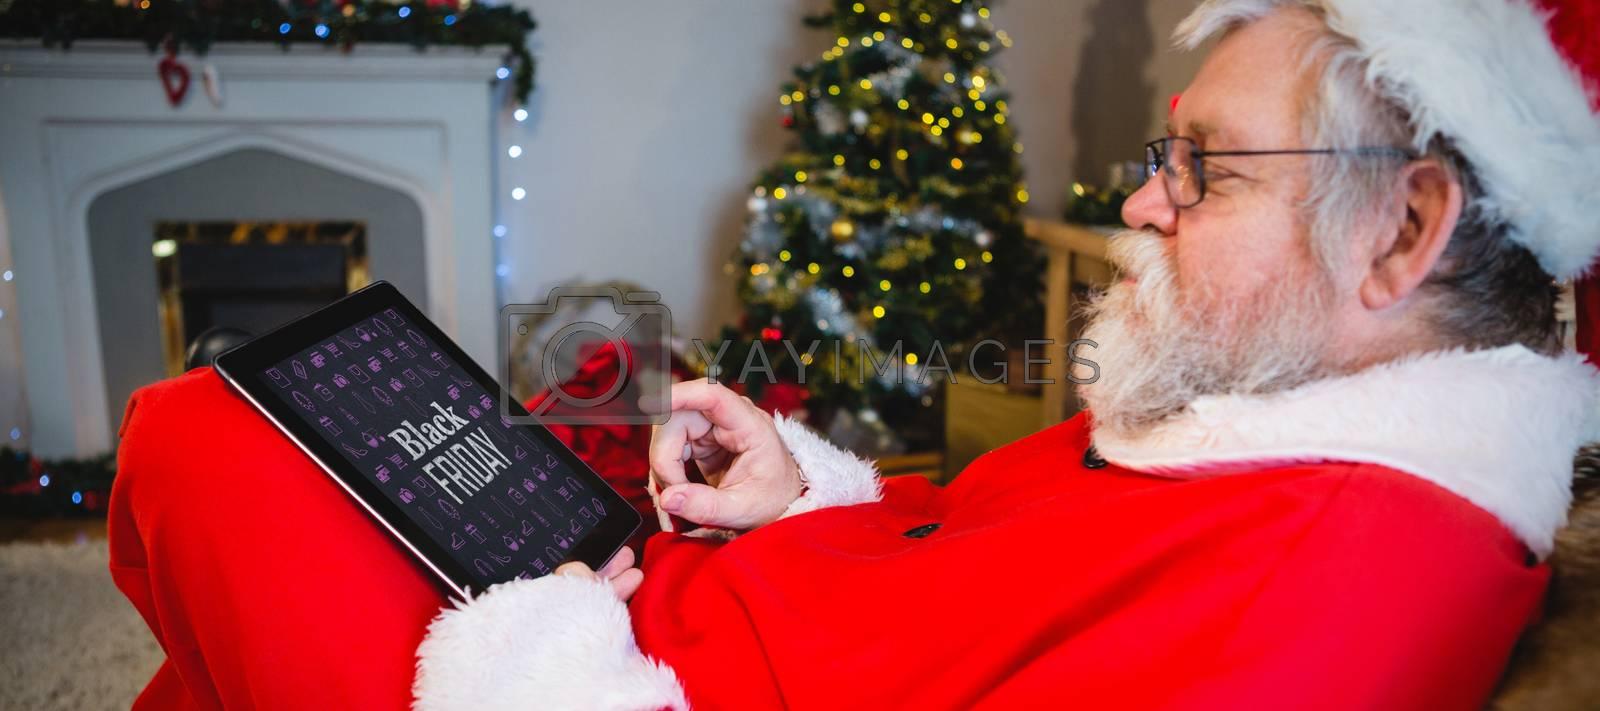 Black friday advert against santa claus using digital tablet